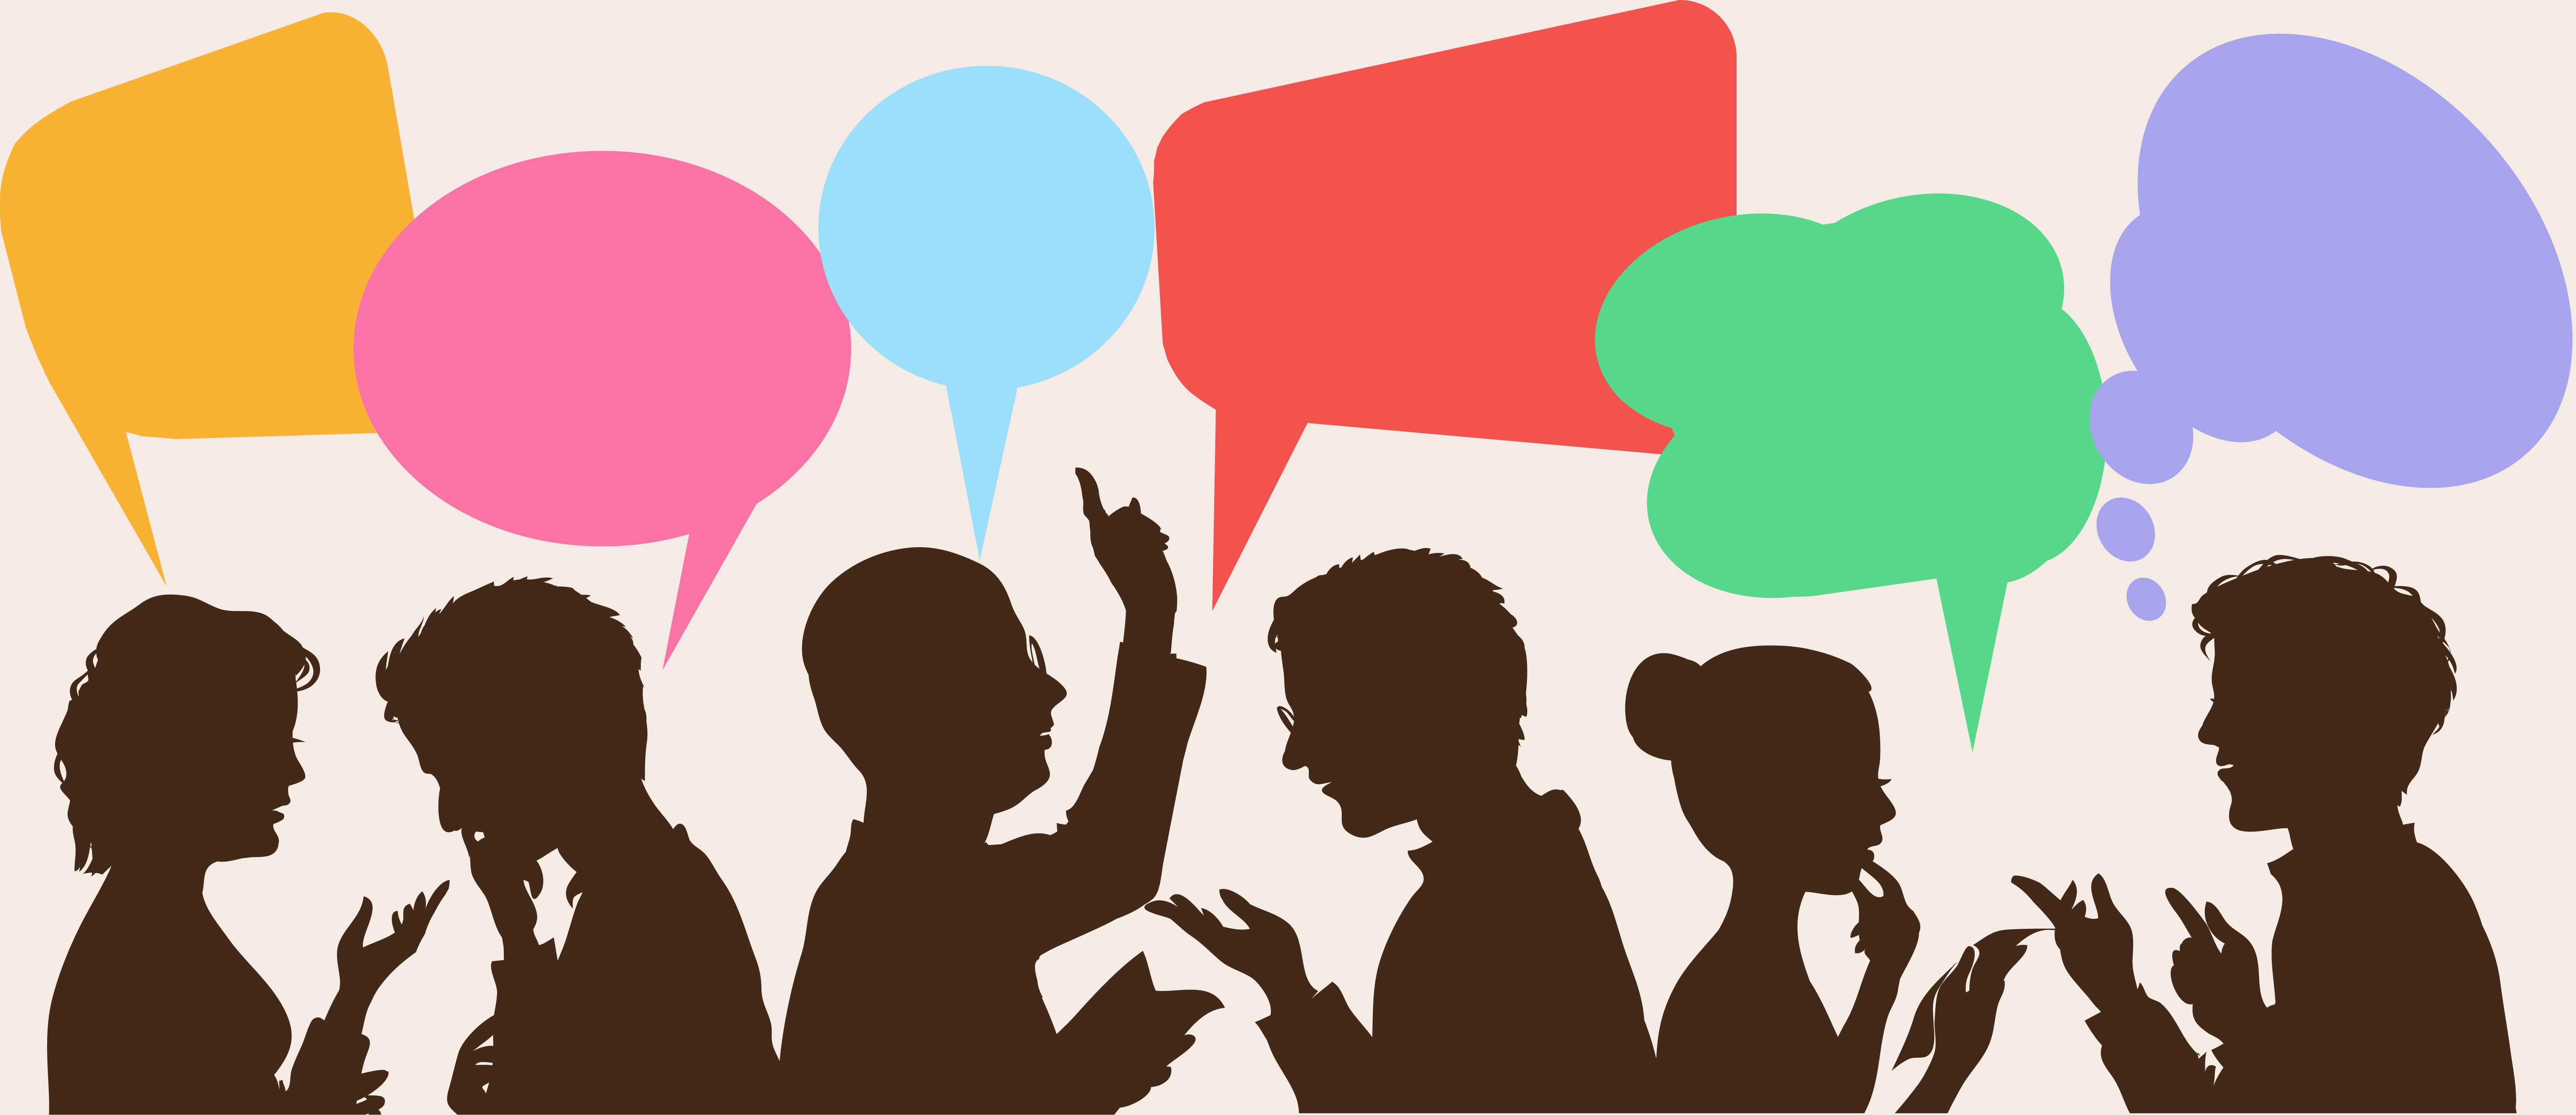 Pozitif Tartışma İçin 6 İpucu